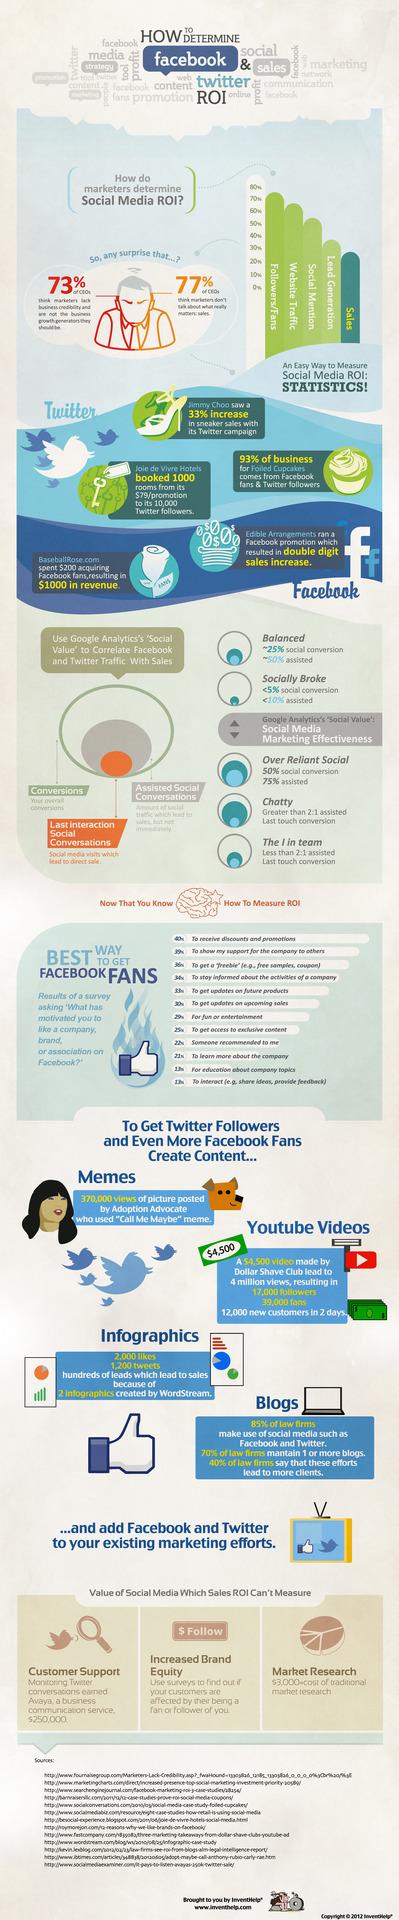 Comment déterminer le ROI de Facebook et Twitter ? | Facebook Pages | Scoop.it